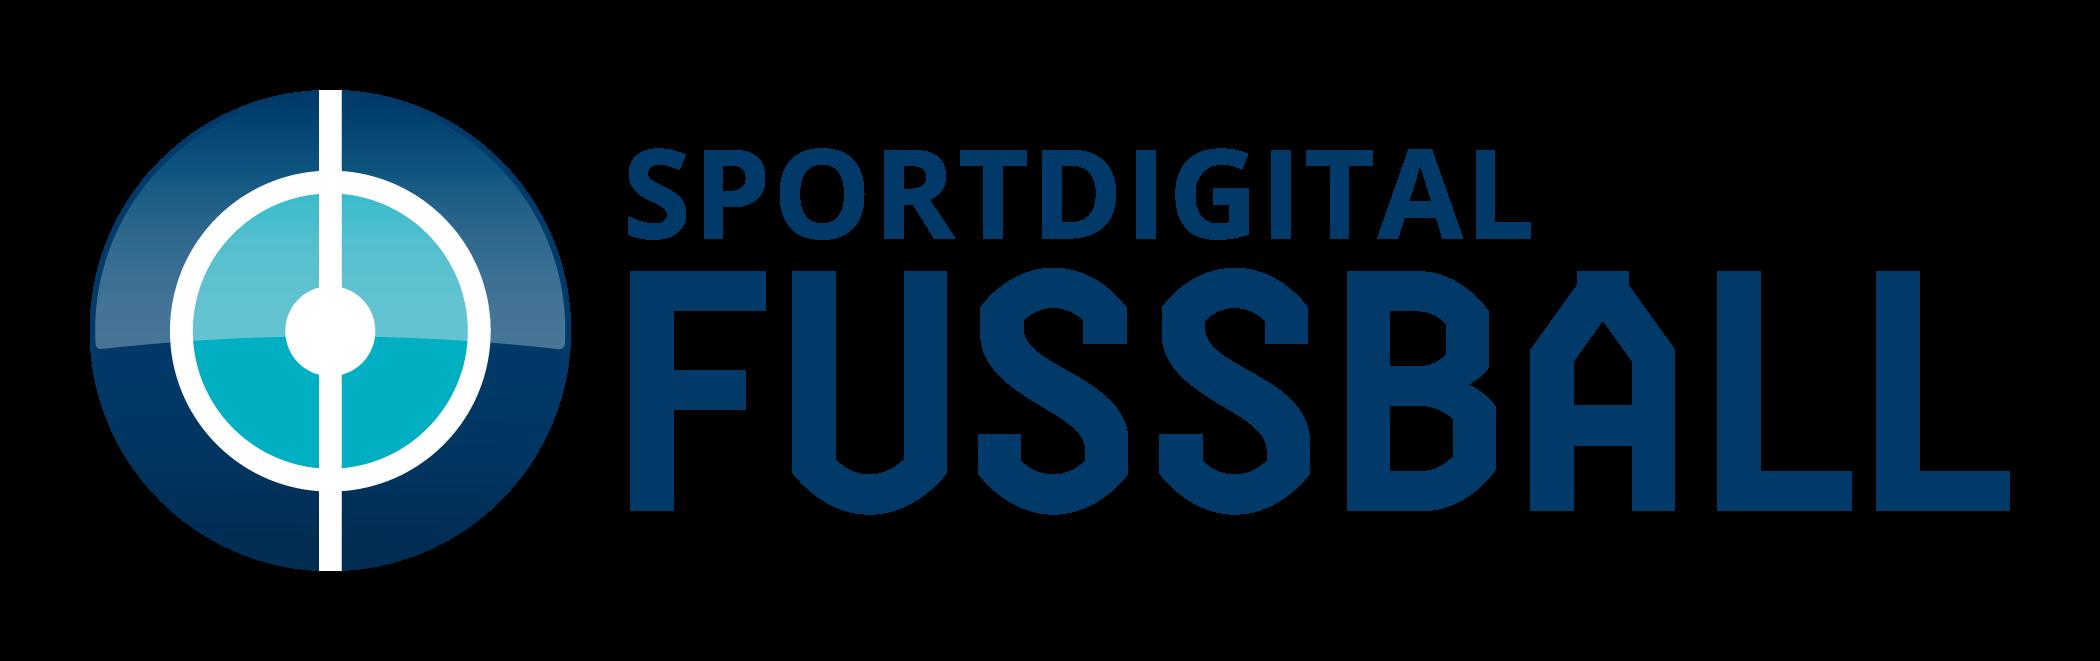 SPORTDIGITAL FUSSBALL Logo